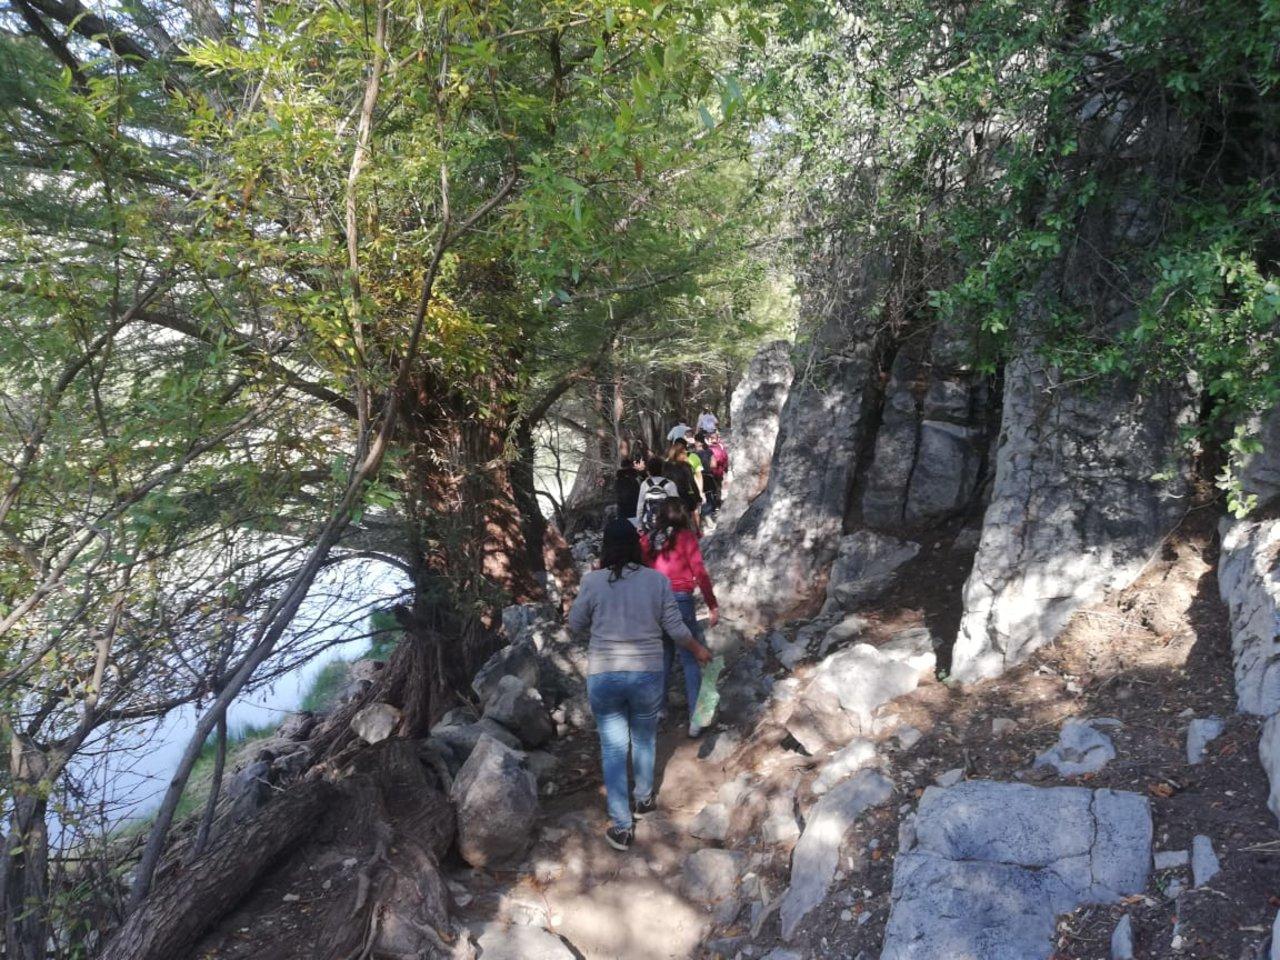 Una visita al Parque Estatal Cañón de Fernández permite disfrutar de tres ecosistemas en una sola área: desierto, bosque y humedal. Conocer este lugar de La Laguna, además de regalar postales increíbles, puede despertar el amor por la naturaleza y la conciencia sobre la importancia de su preservación.